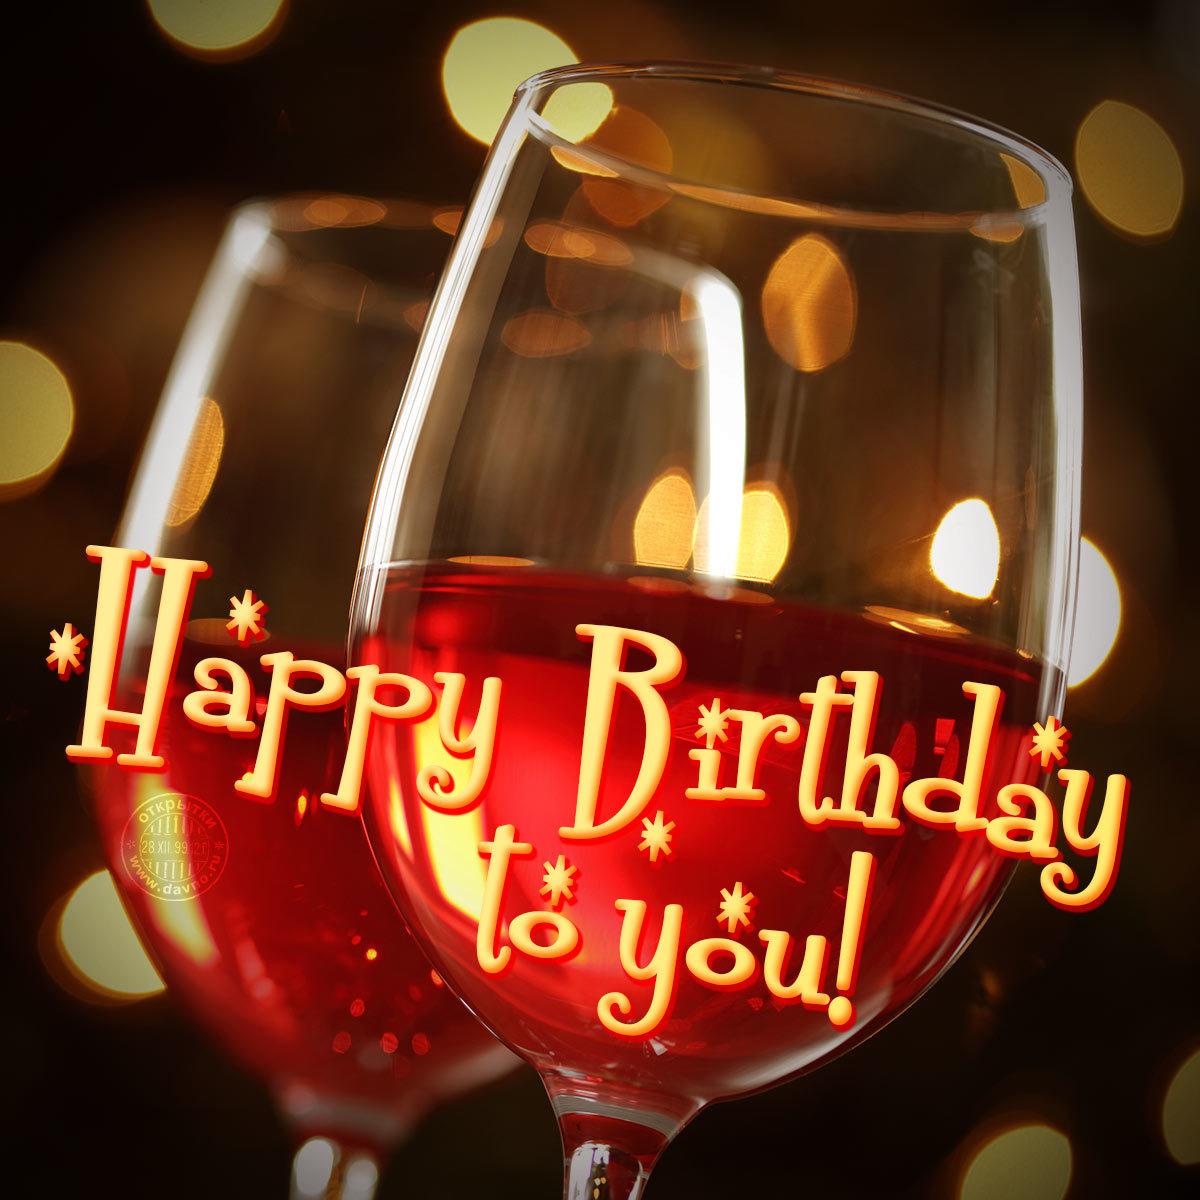 поздравление с днем рождения вартан обязательно будем еще